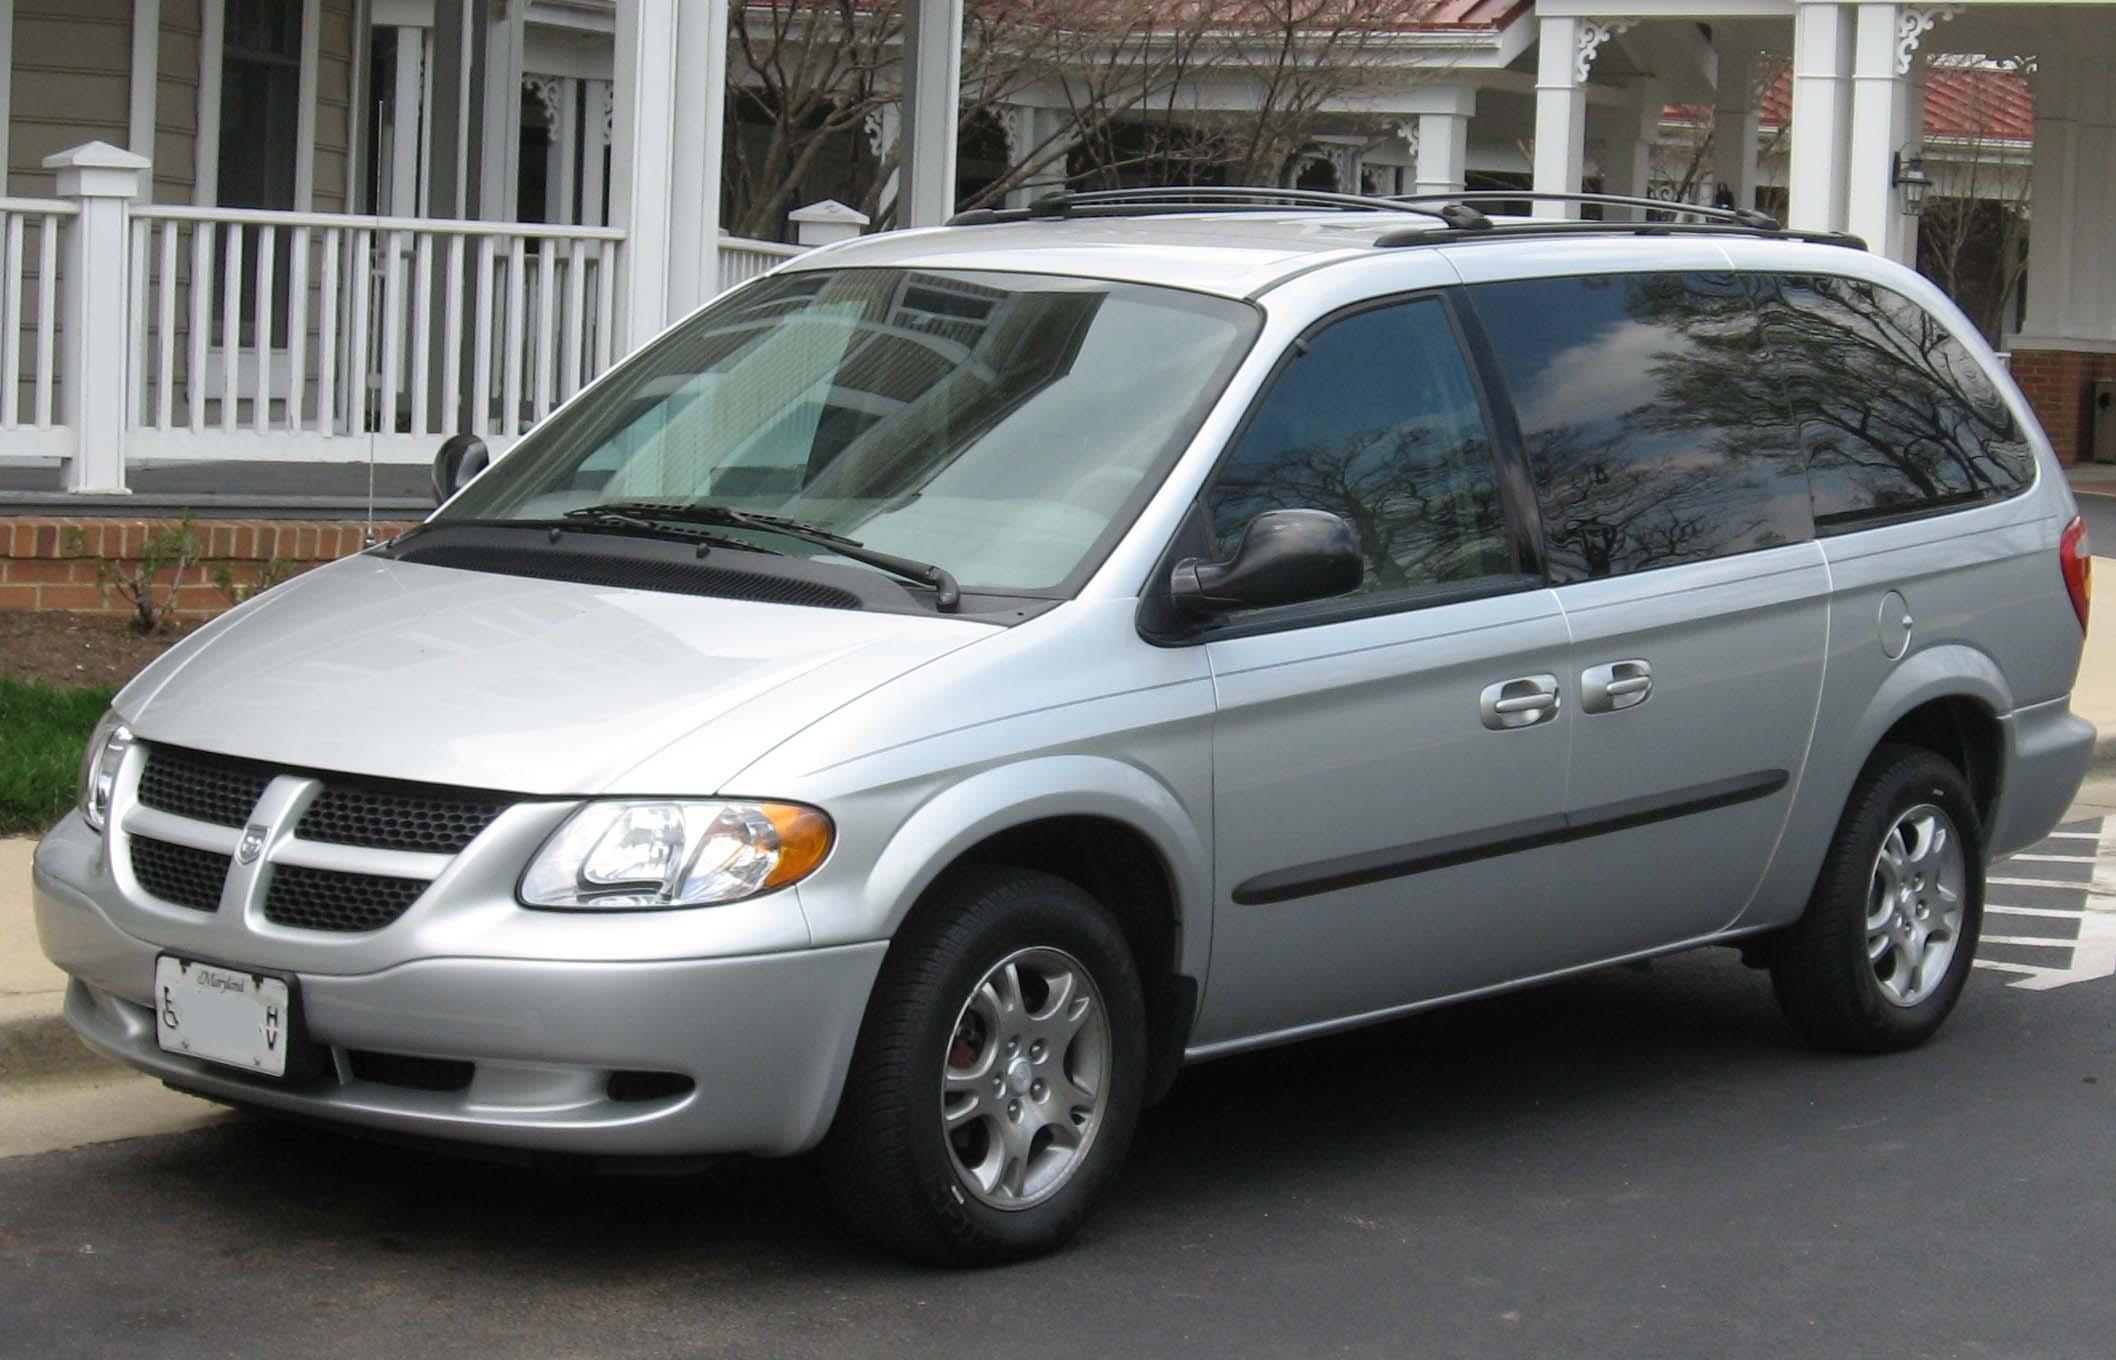 2007 dodge caravan 17 dodge caravan 17